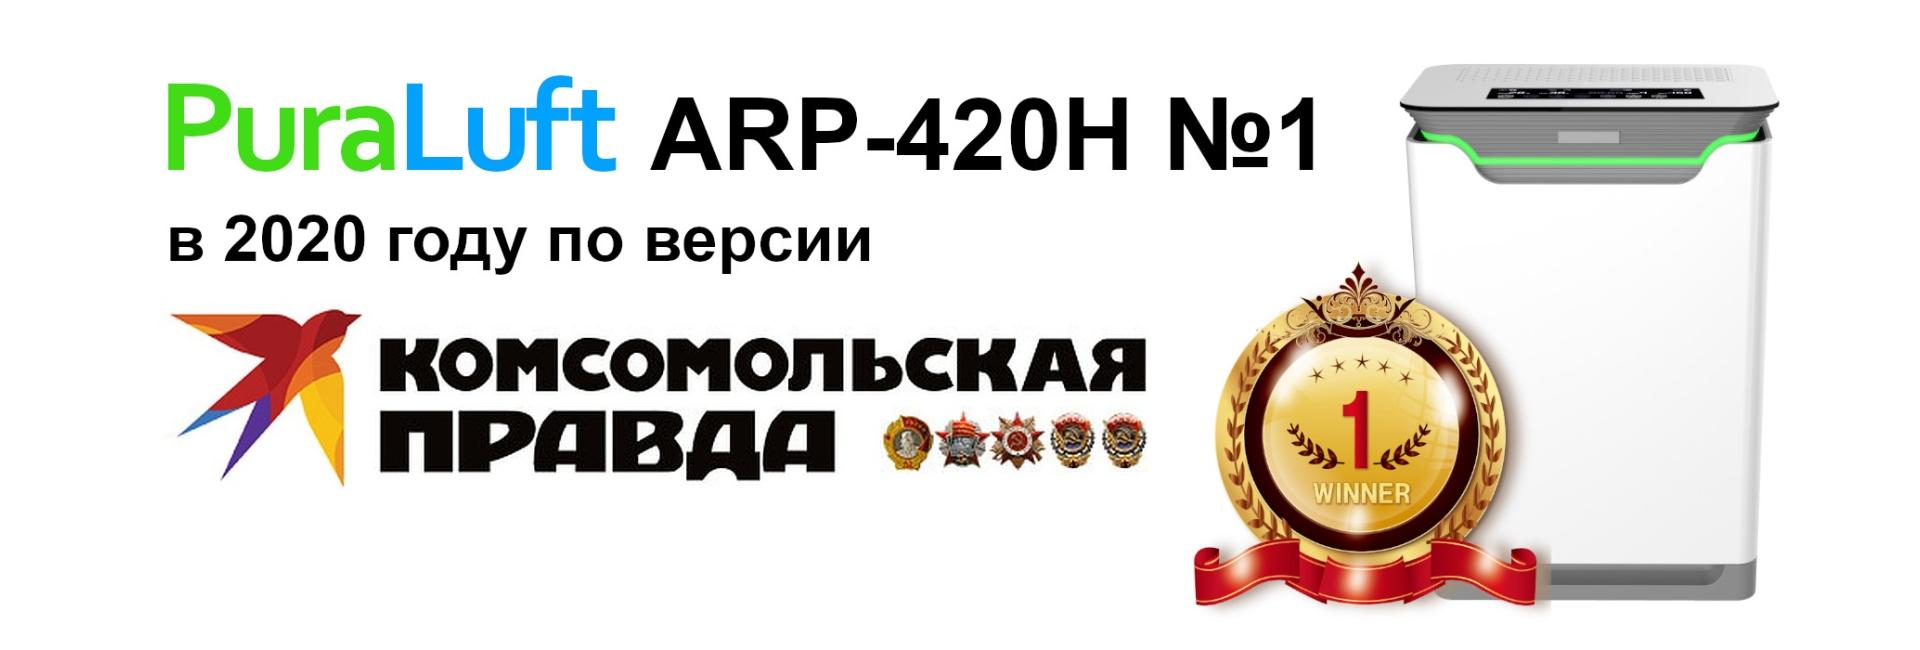 PuraLuft ARP-420 H